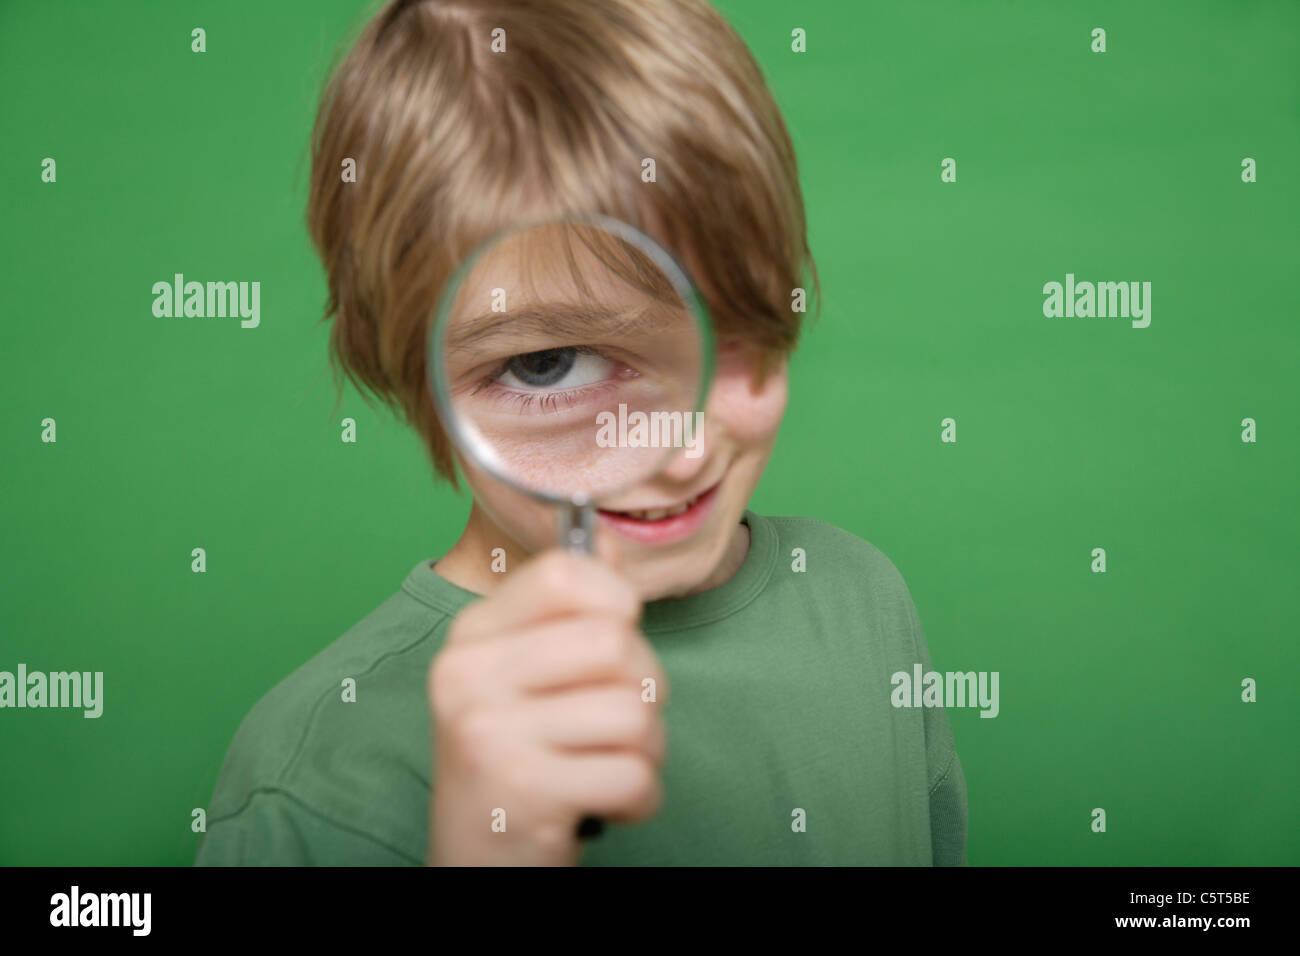 Cerca de Chico mirando a través de una lupa contra fondo verde Imagen De Stock